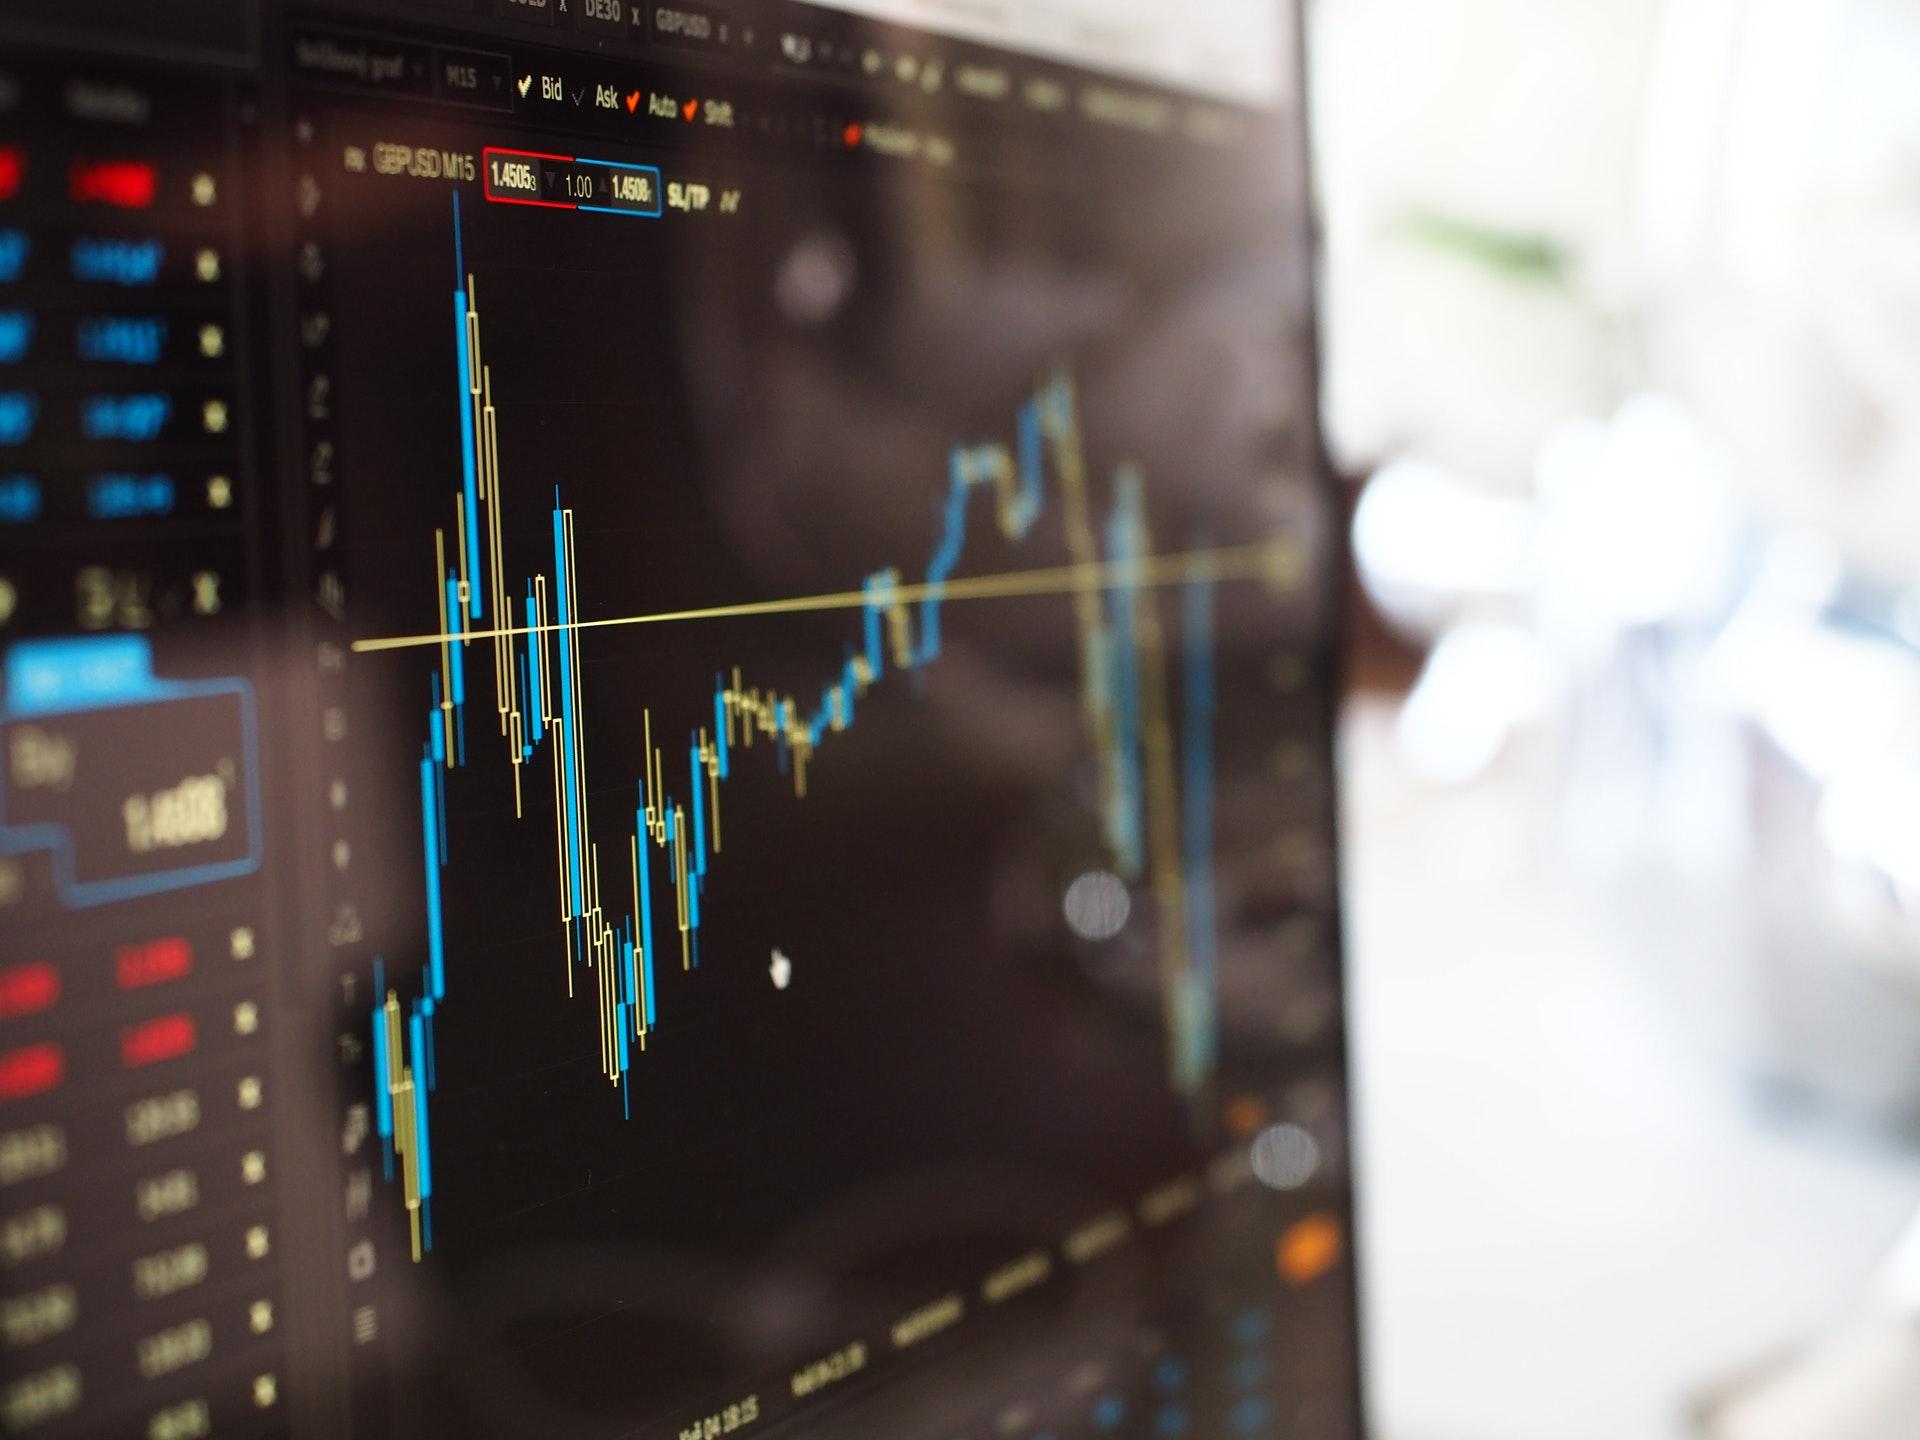 Nadmierny handel na giełdzie